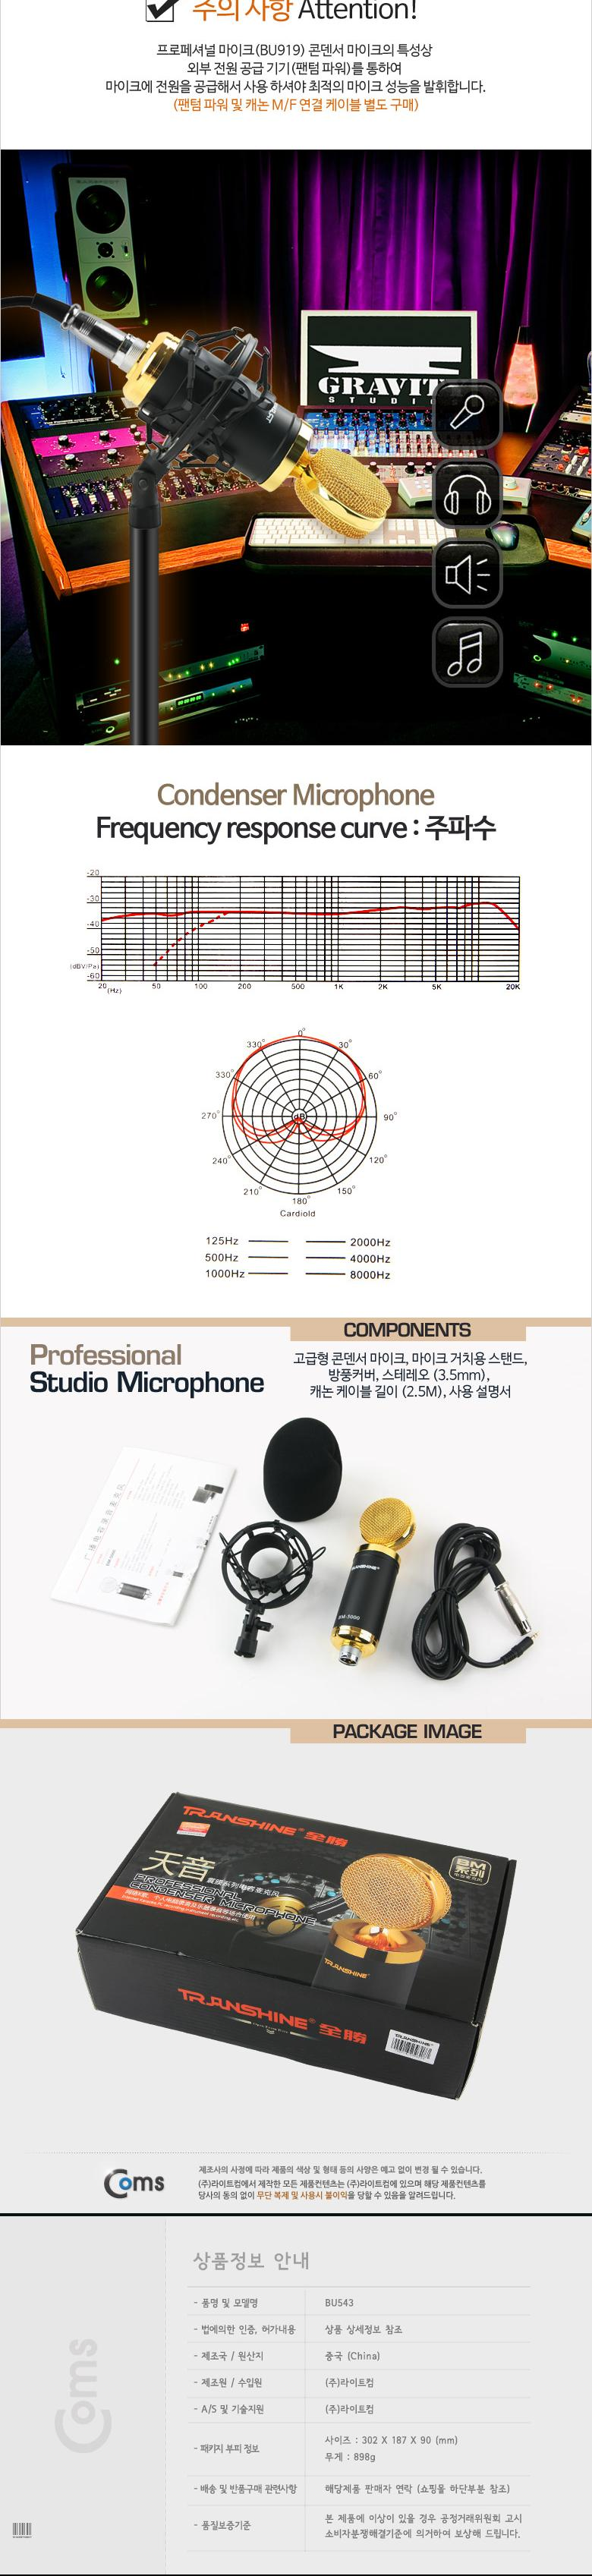 Coms 마이크 (고급형 콘덴서) BM-5000 탁상용마이크  탁상용마이크 컴퓨터마이크 마이크 방송마이크 음향기기